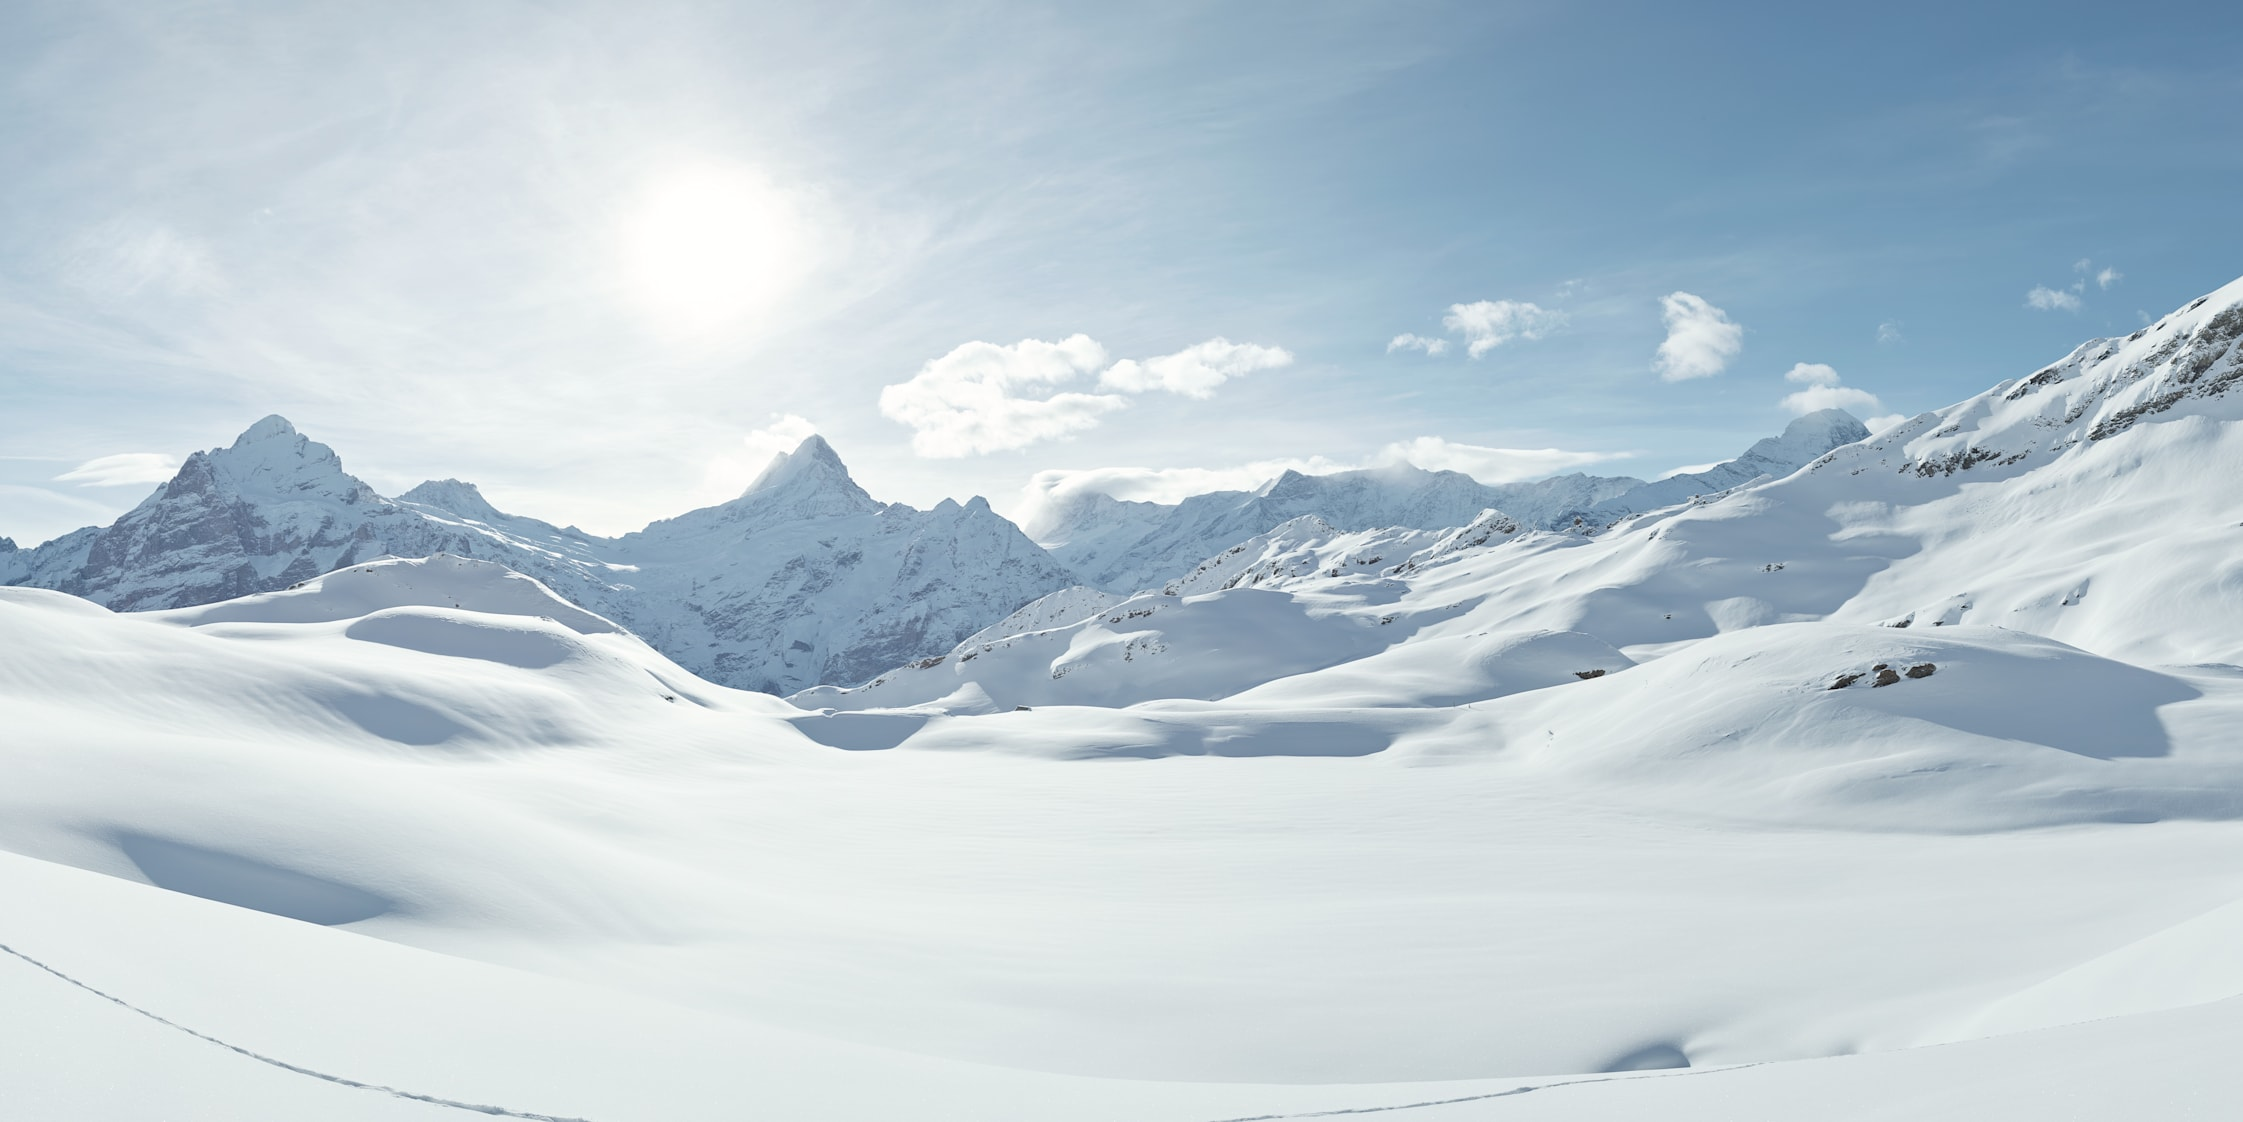 Grindelwald First Bachalpsee Schreckhorn Panorama Winter